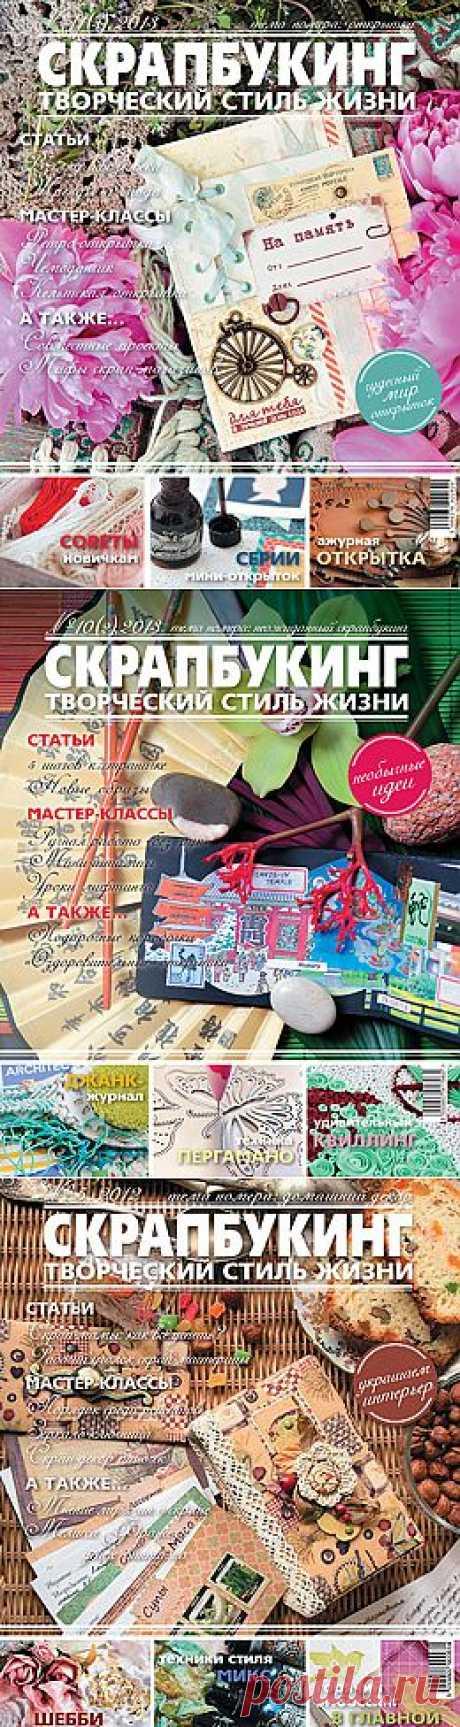 """Журнал """"Скрапбукинг: Творческий стиль жизни"""""""